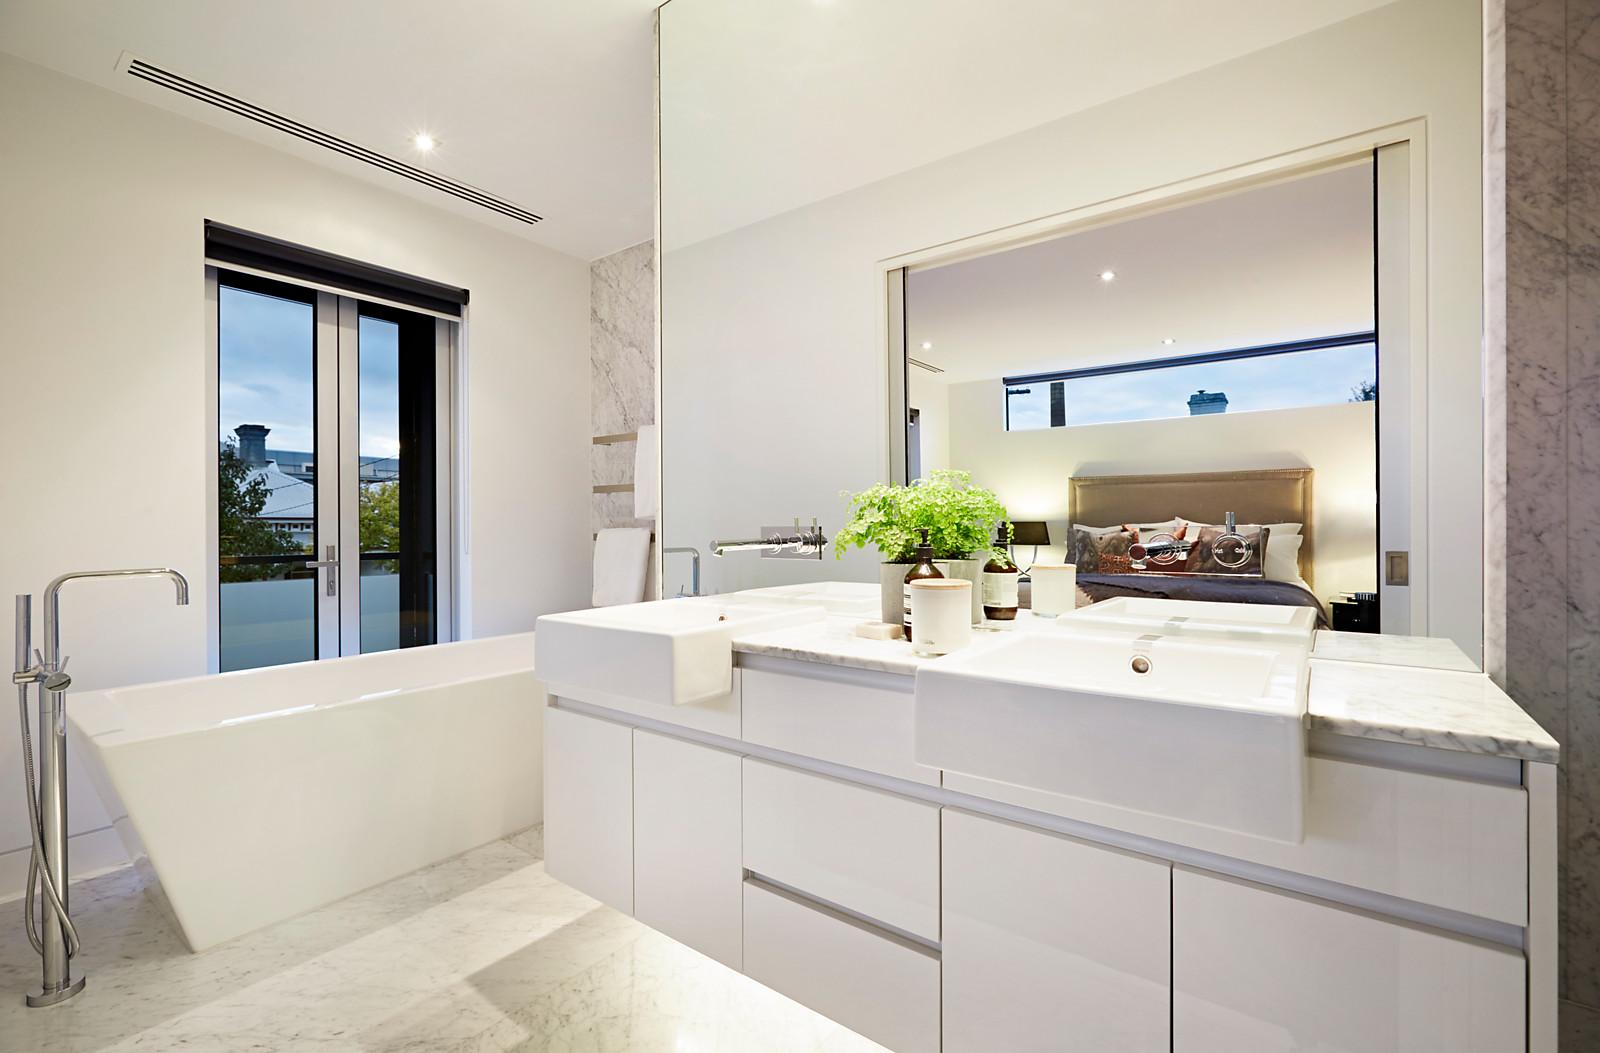 design-estate real estate South Yara 2